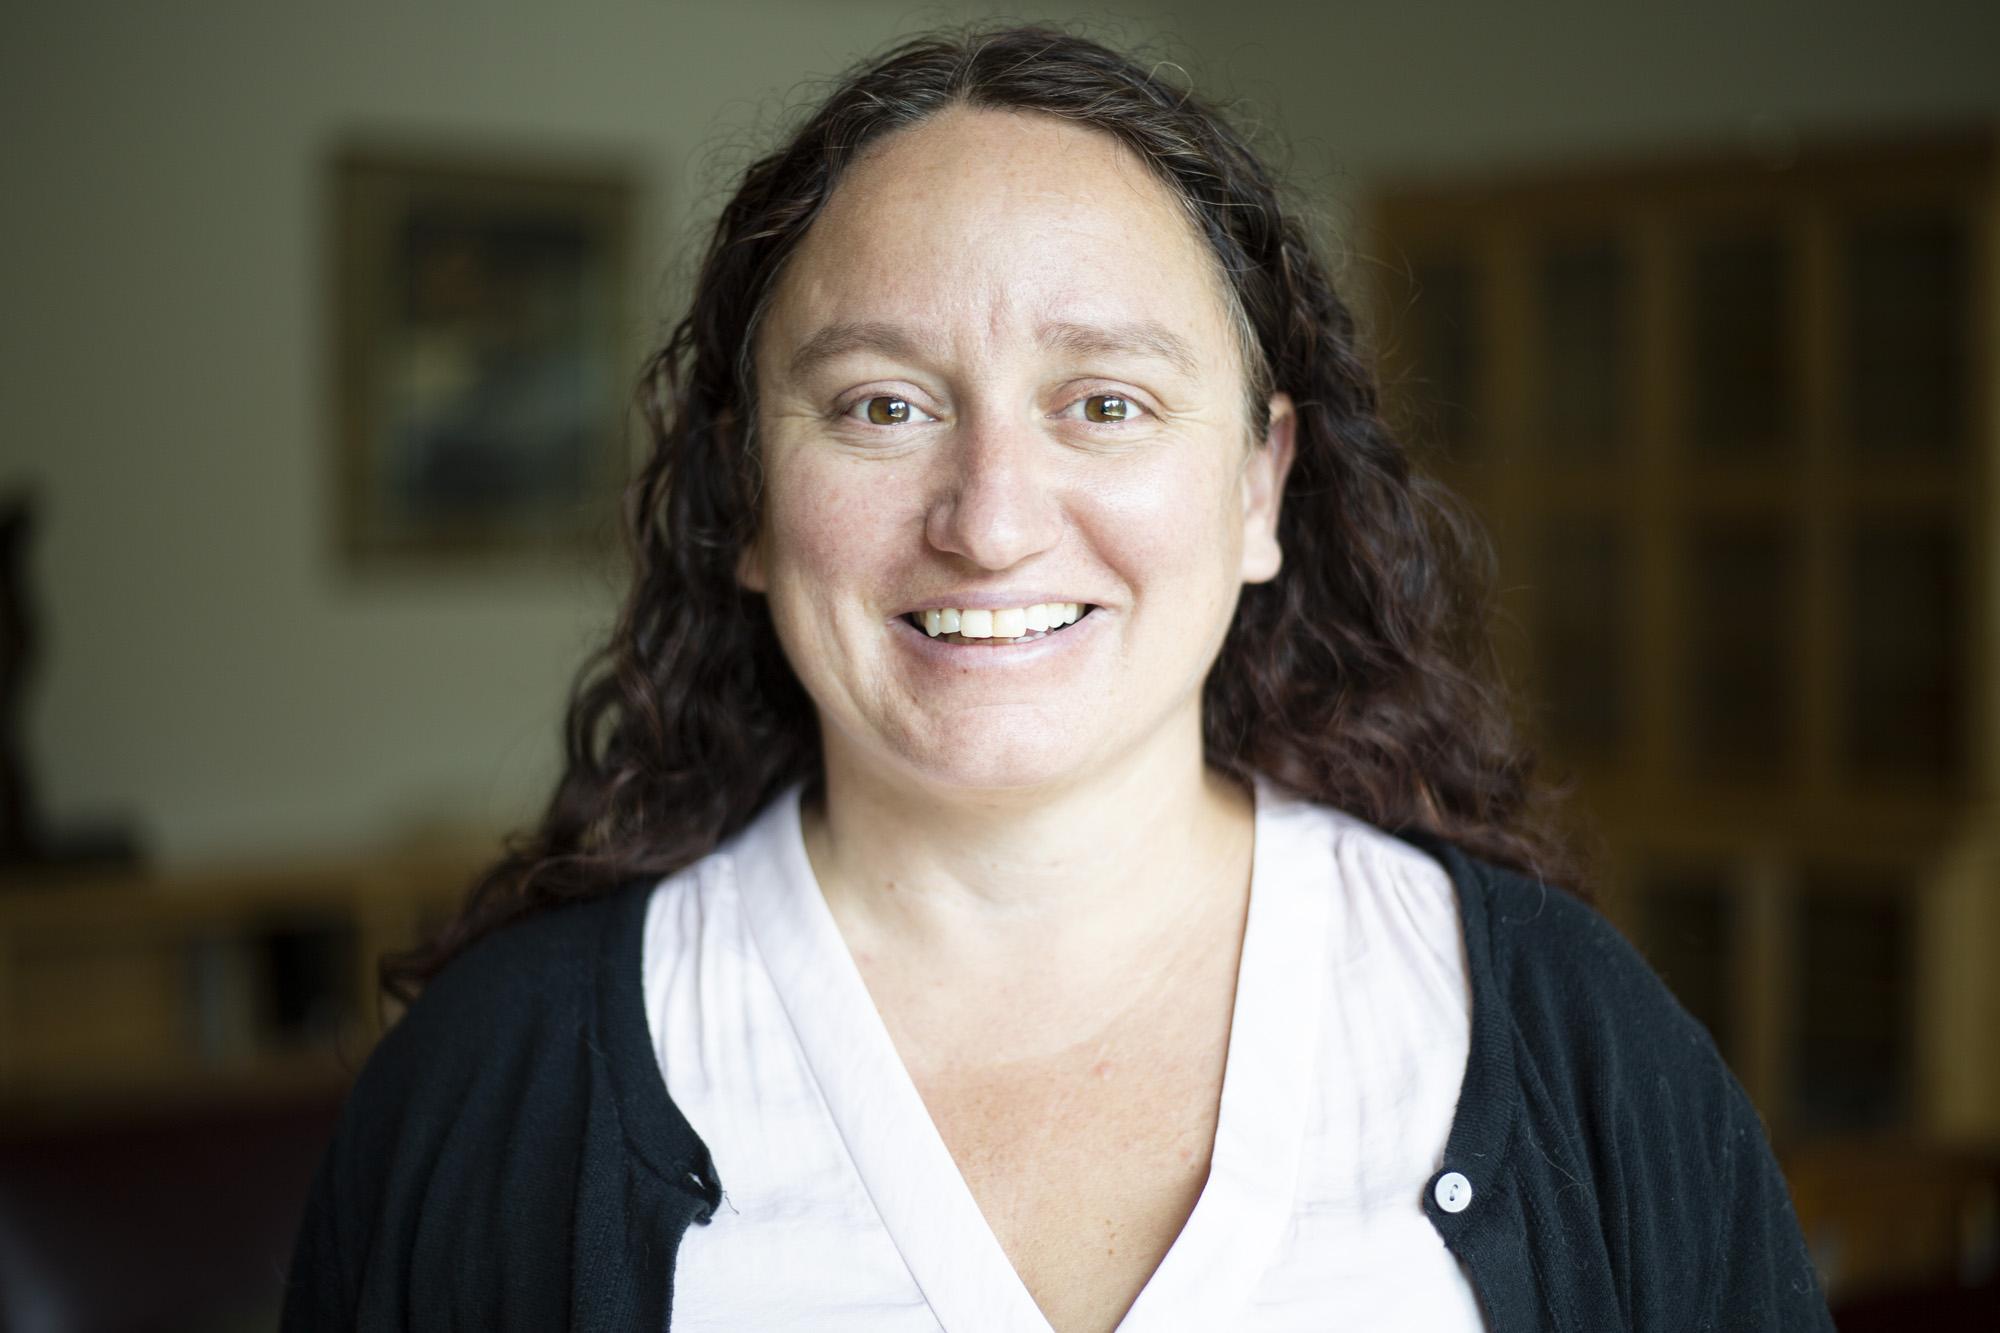 Christy Walker, 39, at COCC